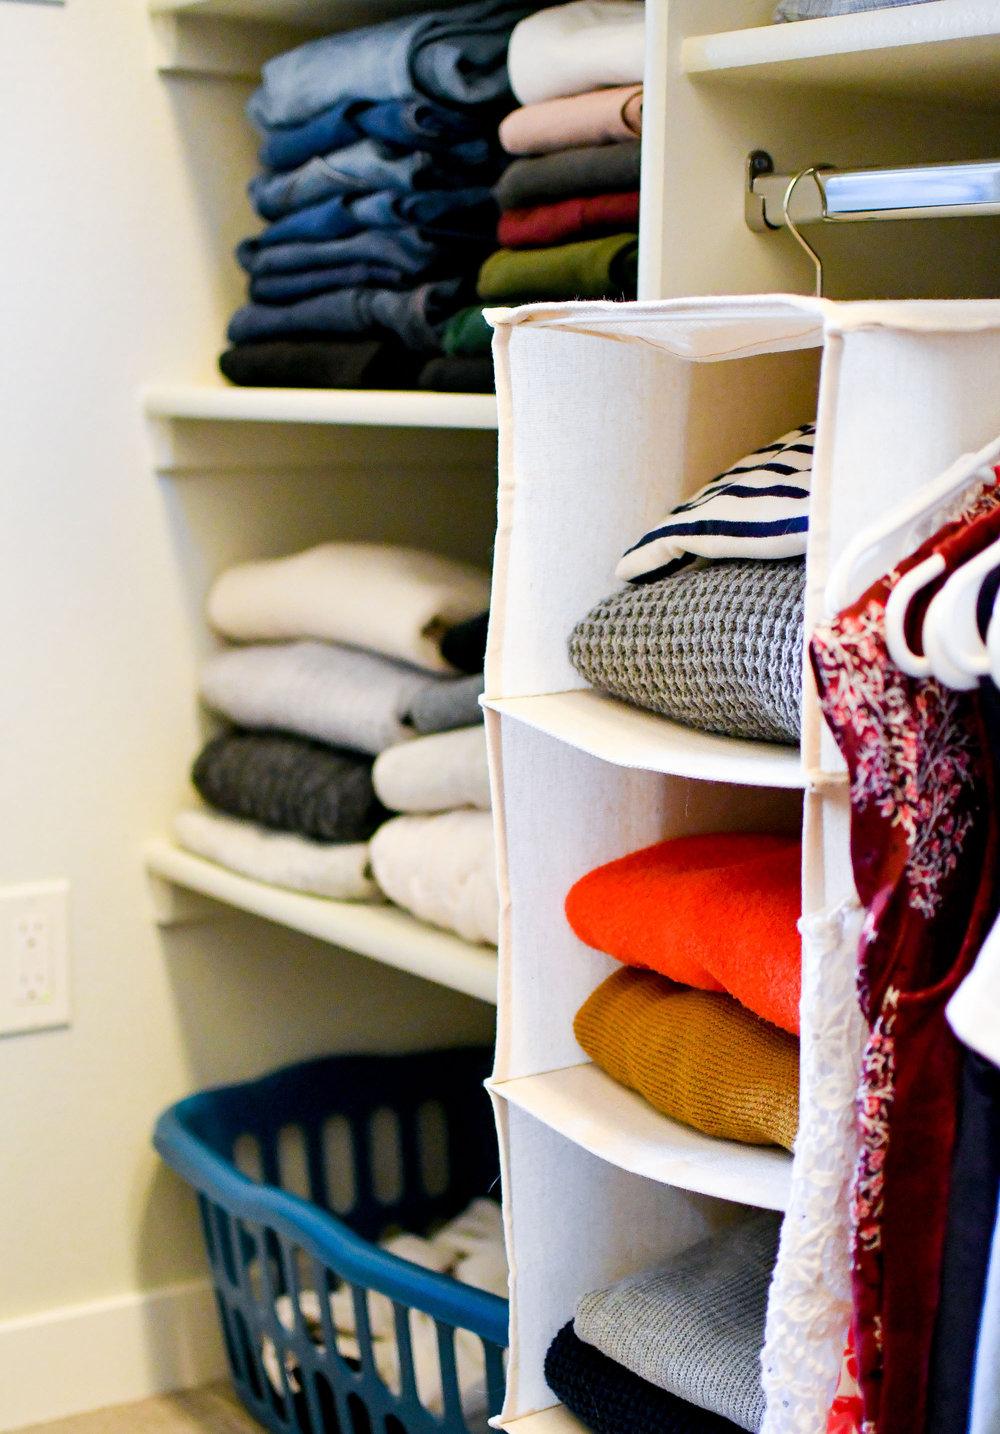 2018 closet inventory + wardrobe planning update — Cotton Cashmere Cat Hair